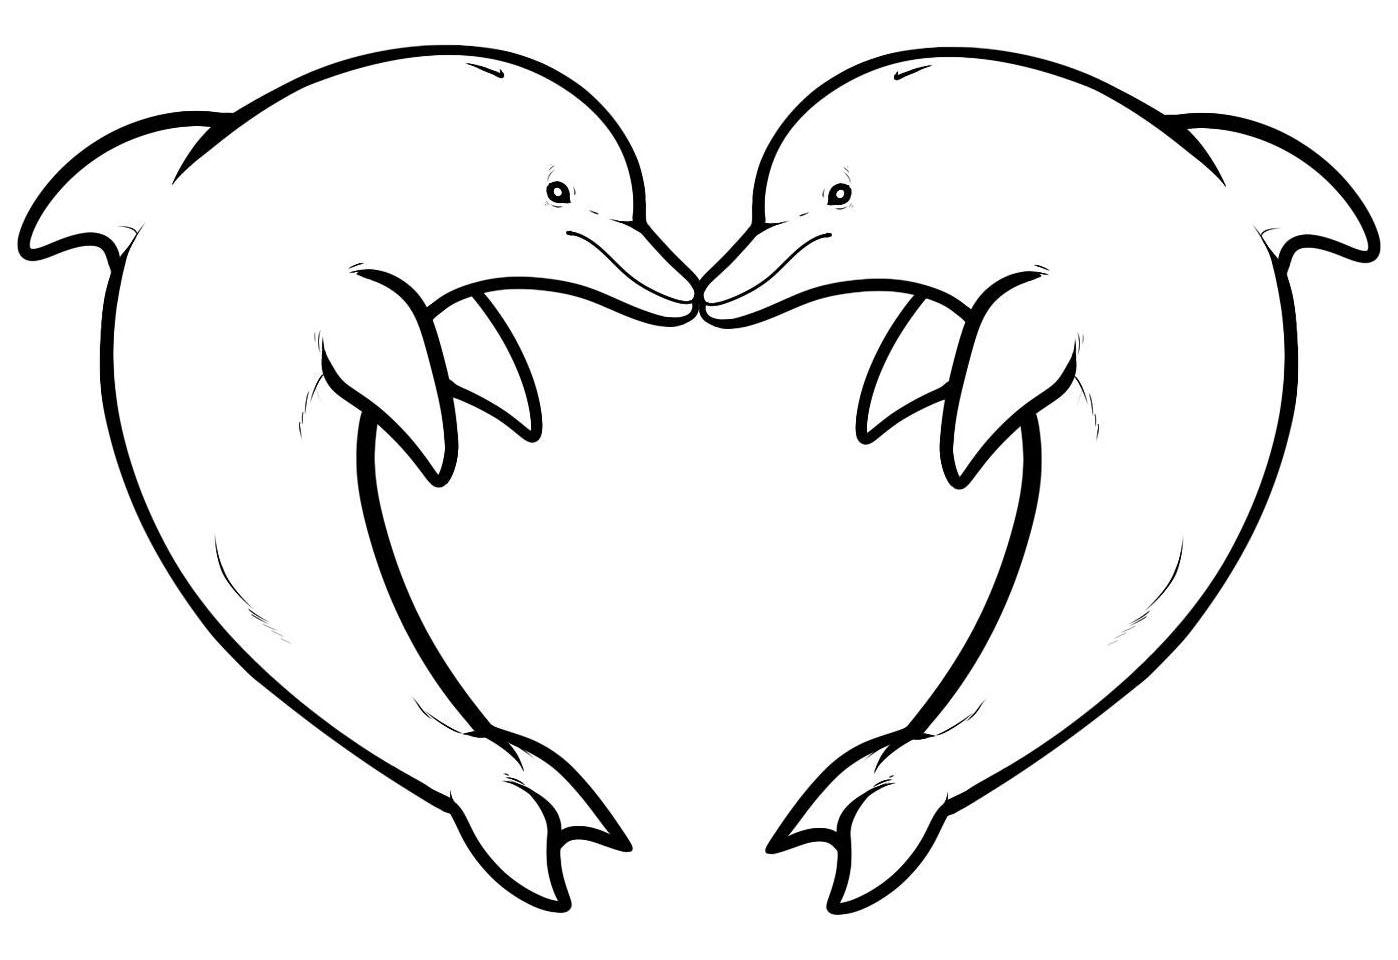 Dauphins 10 coloriage de dauphins coloriages pour enfants - Dauphin a dessiner ...